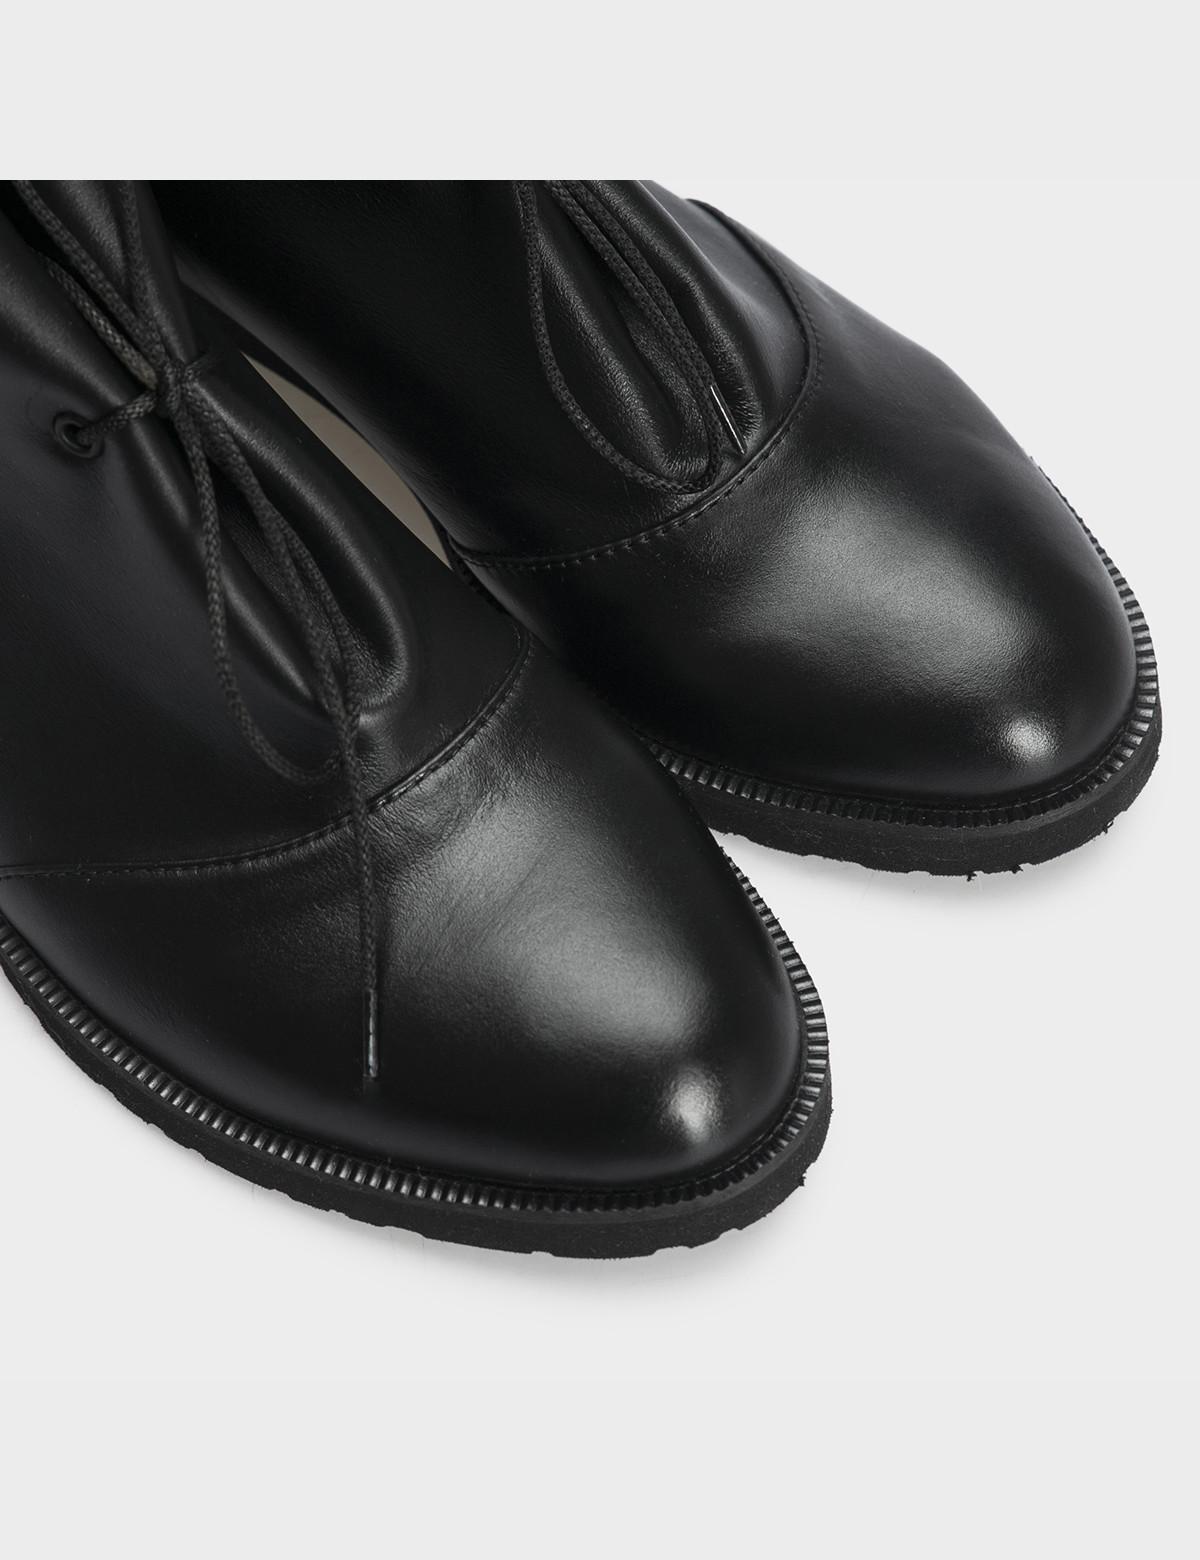 Черевики чорні, натуральна шкіра4